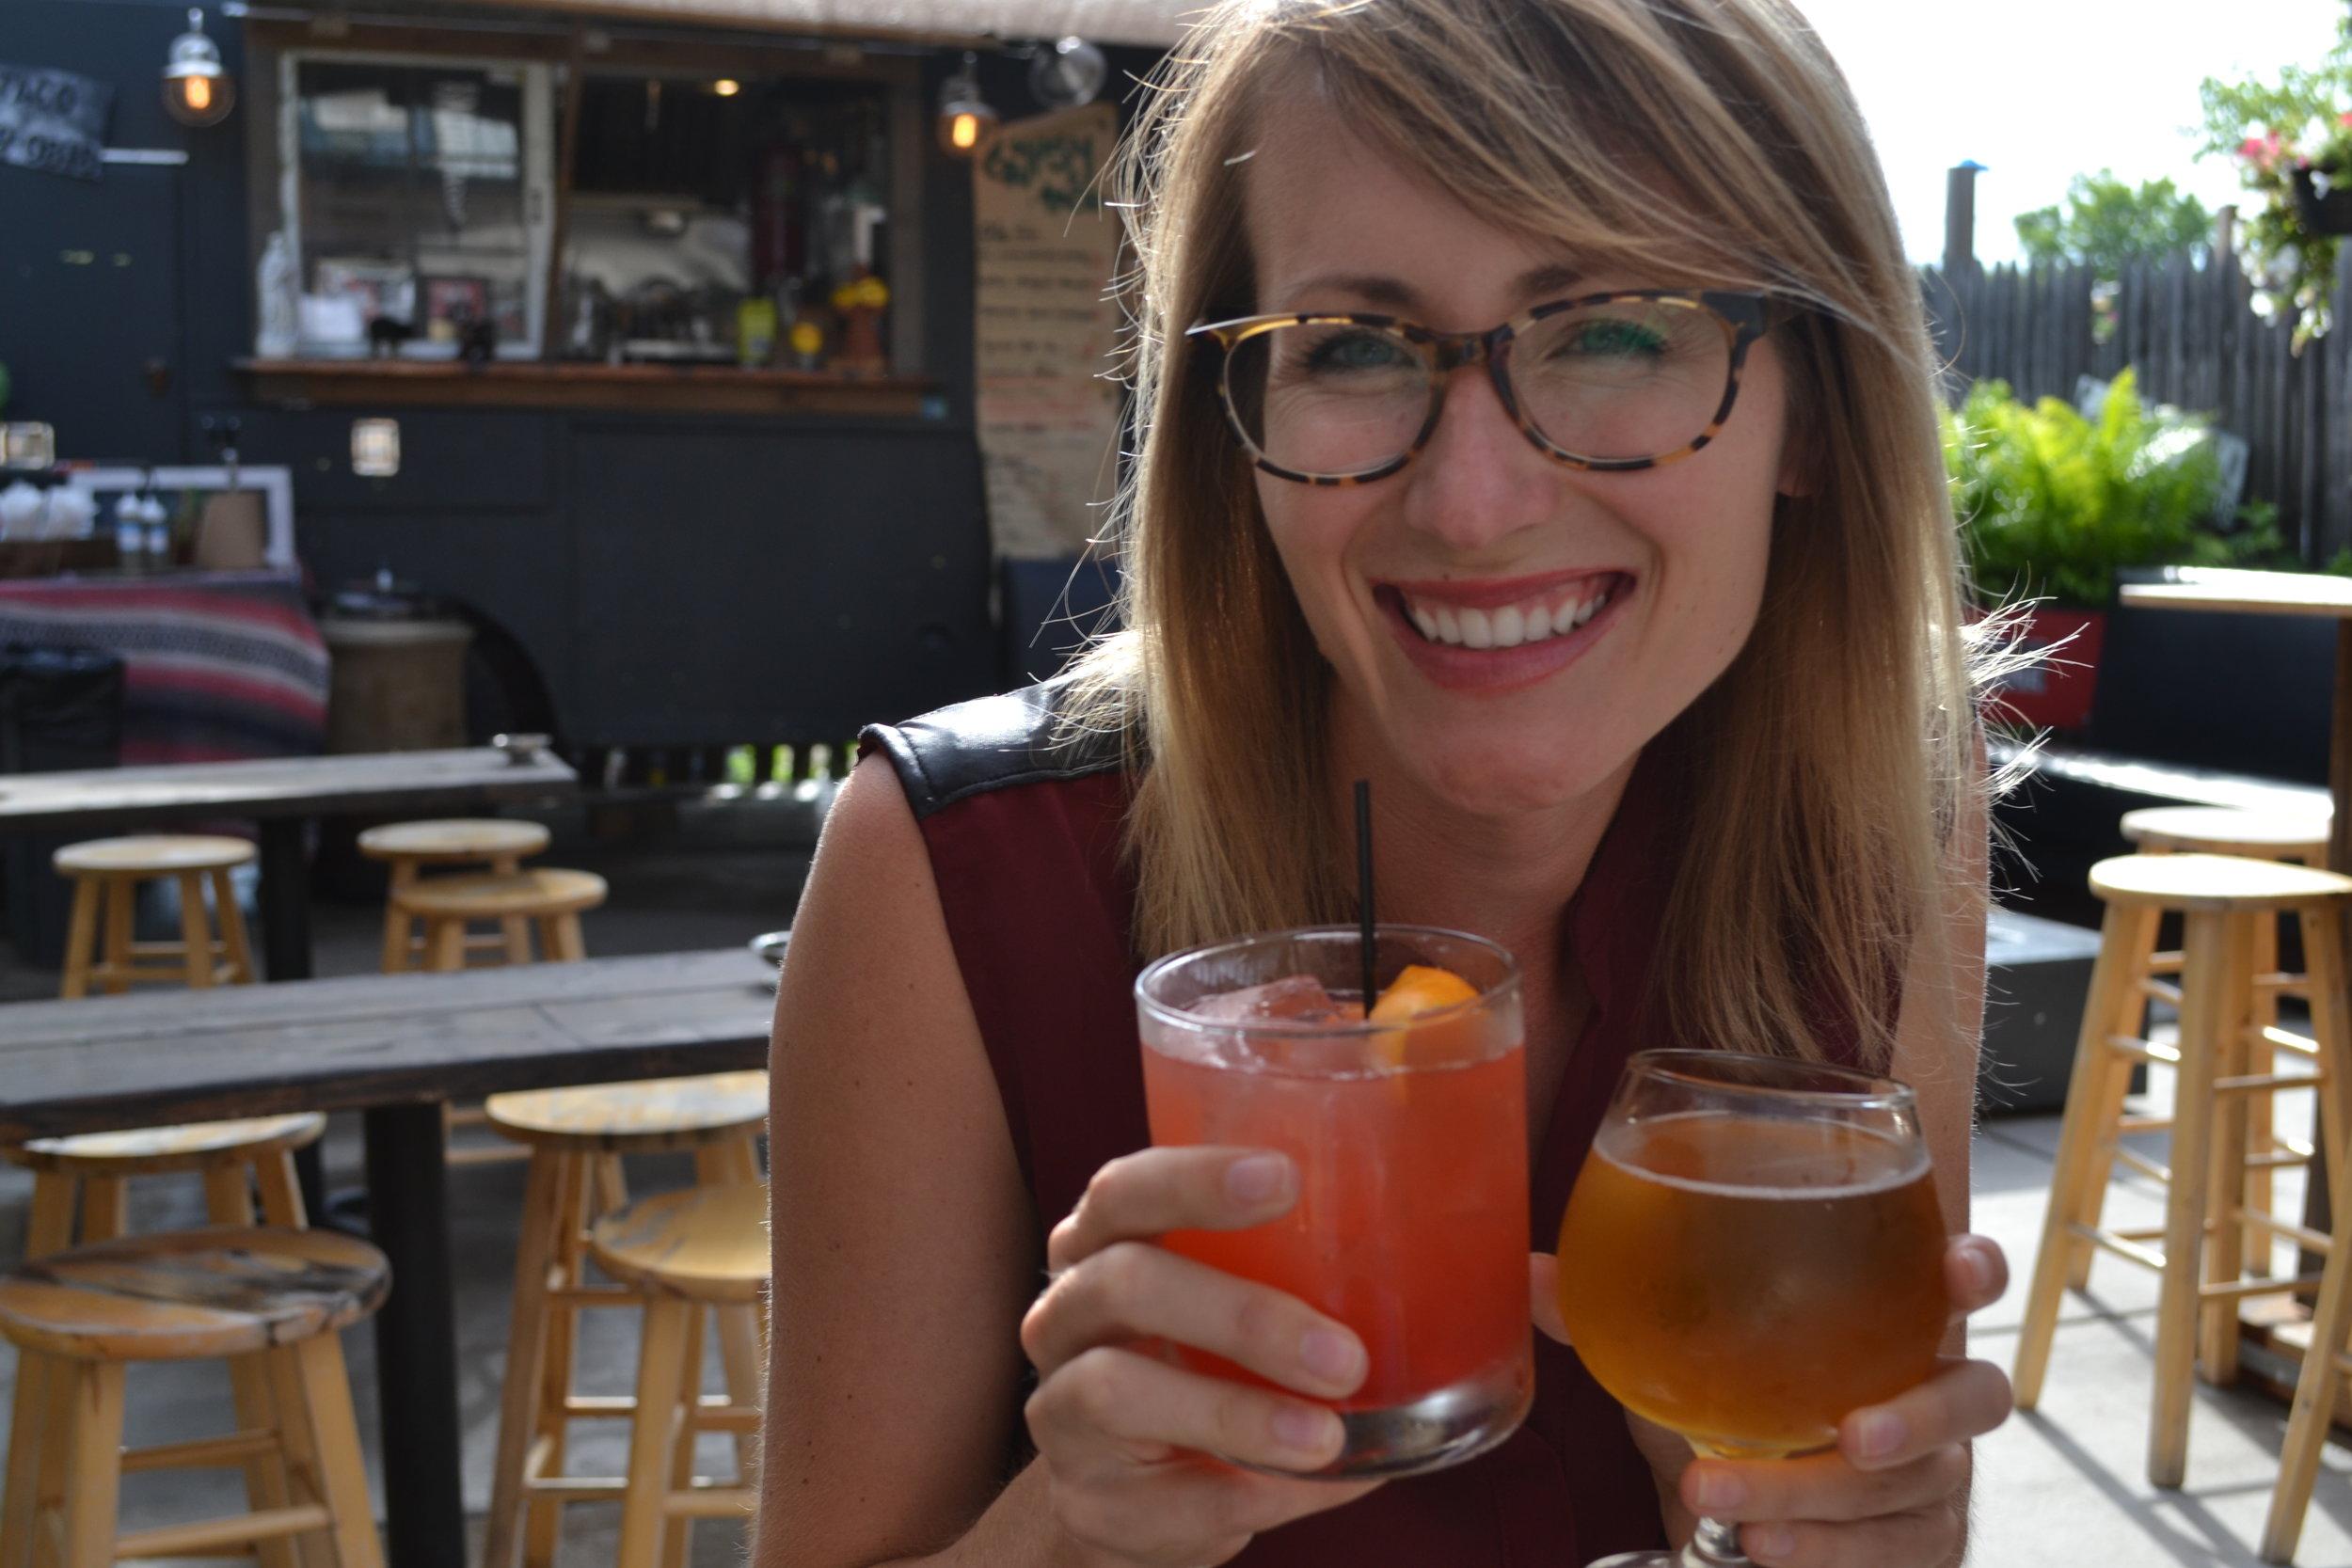 Mel enjoys a Stiegl-Radler spritzer and beer at Boone & Crockett.